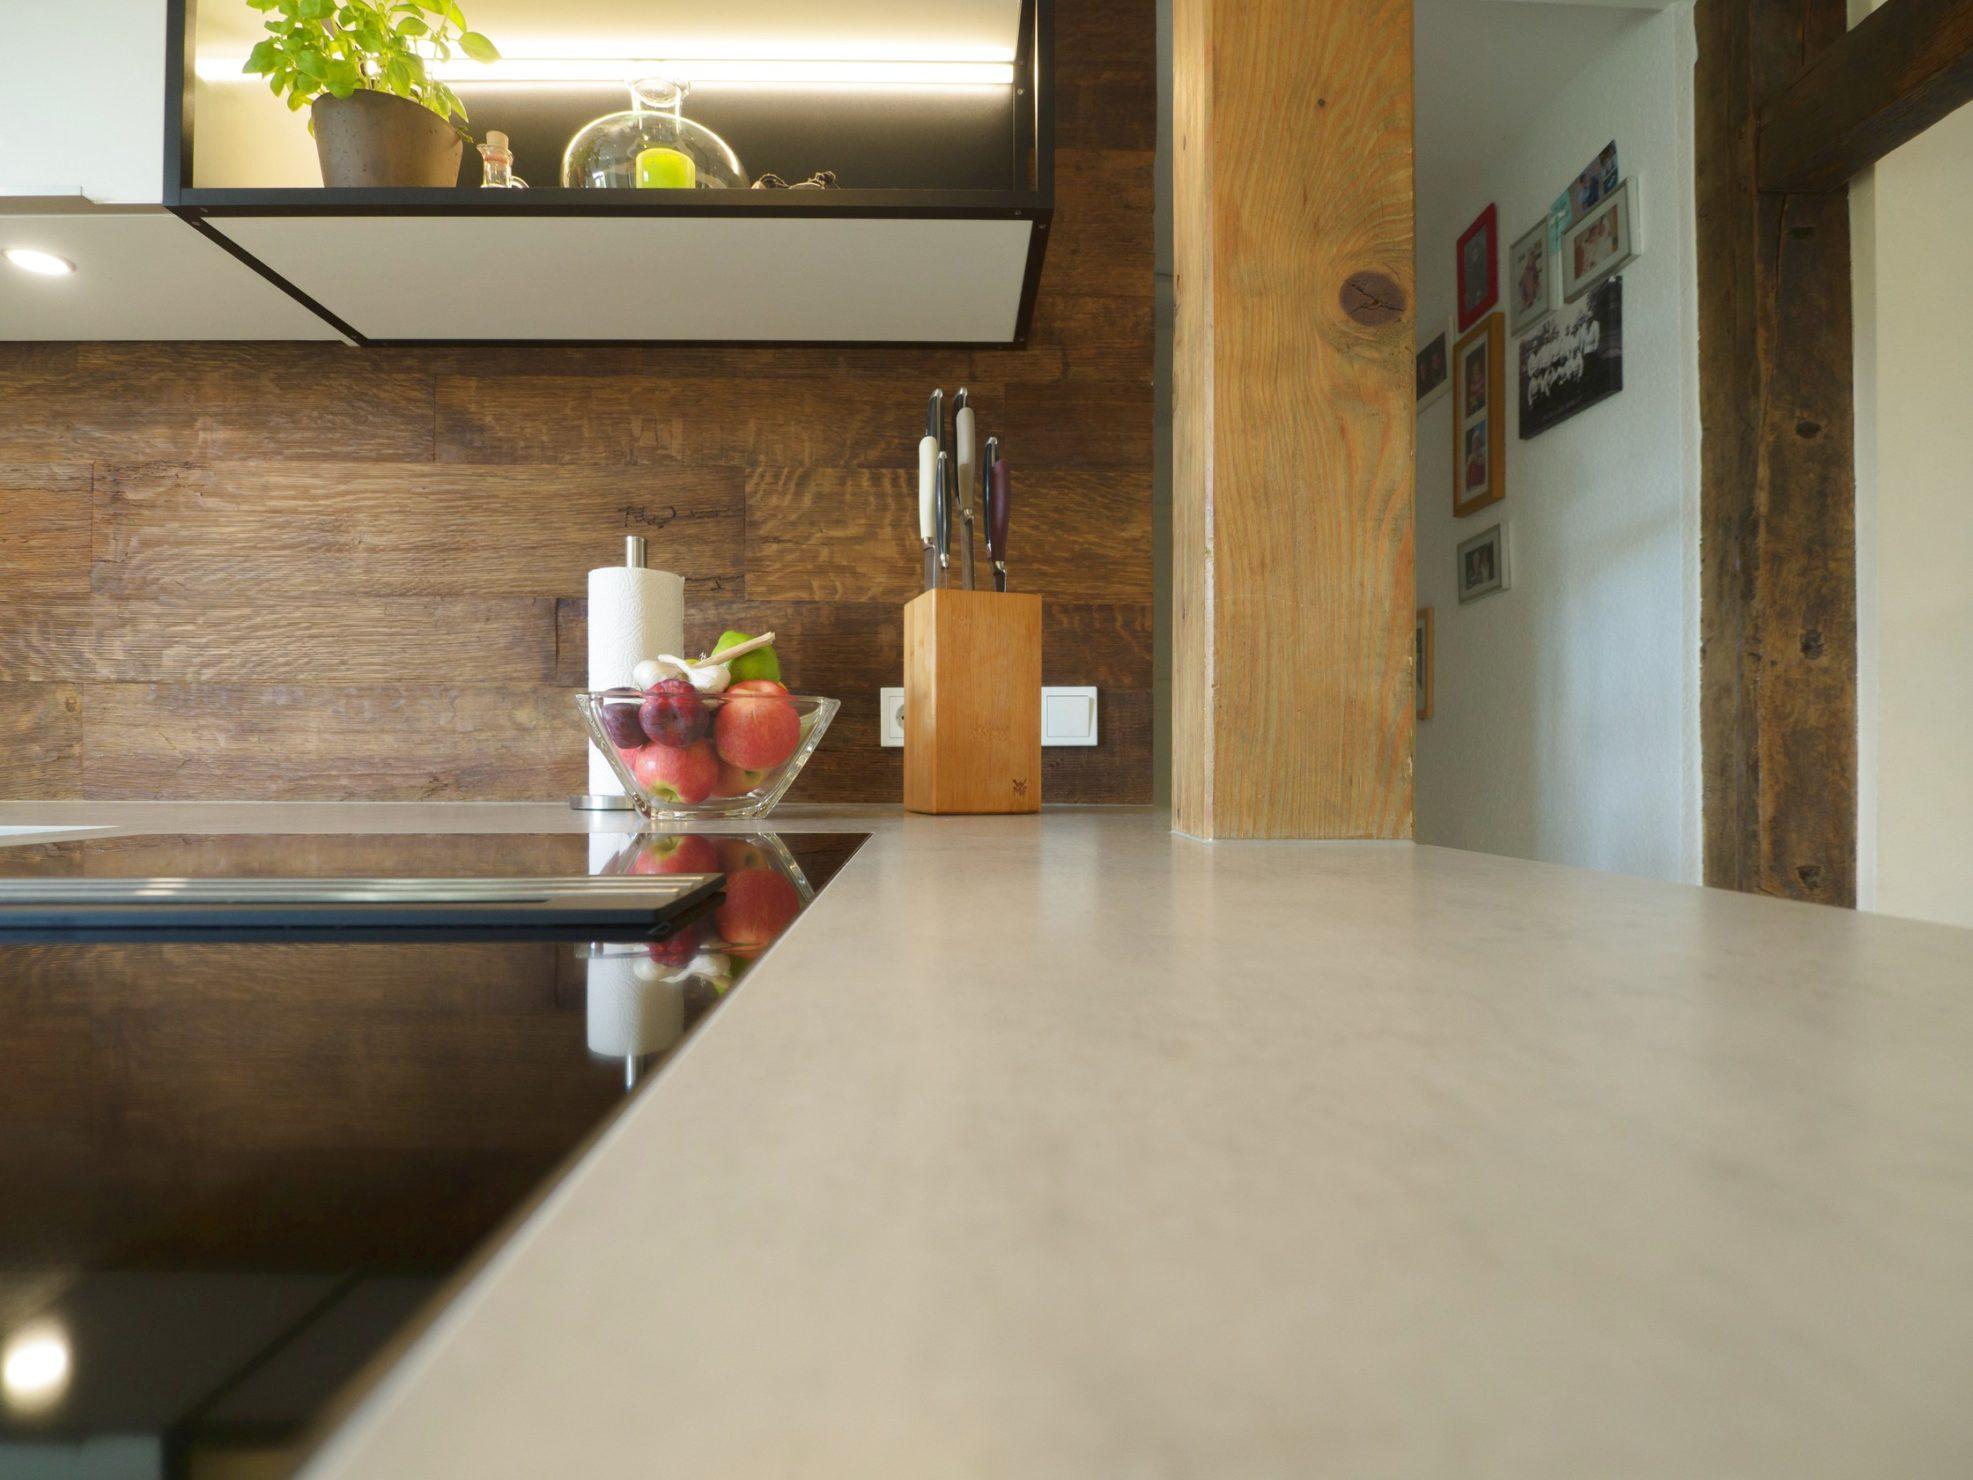 Kueche Fachwerkhaus Hochglanzweiss Keramikarbeitsplatten Rueckwand Alteiche Schreinerei Miele Geraeten 19